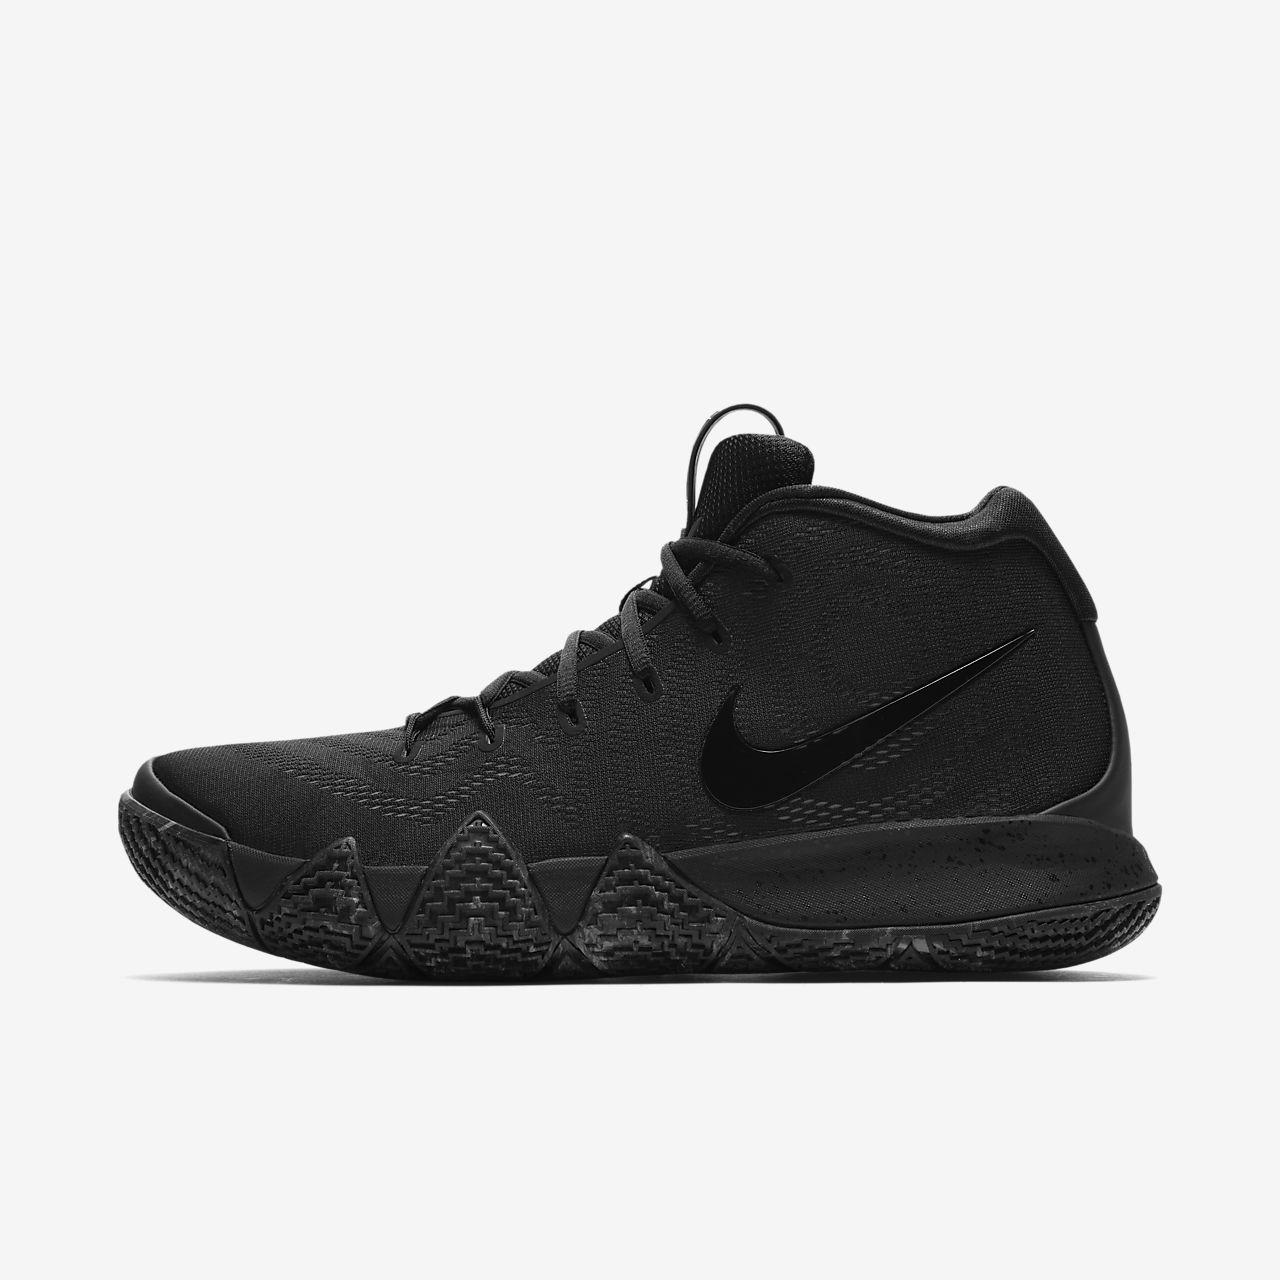 Calzado de básquetbol para hombre Kyrie 2 iD | Shoes en 2019